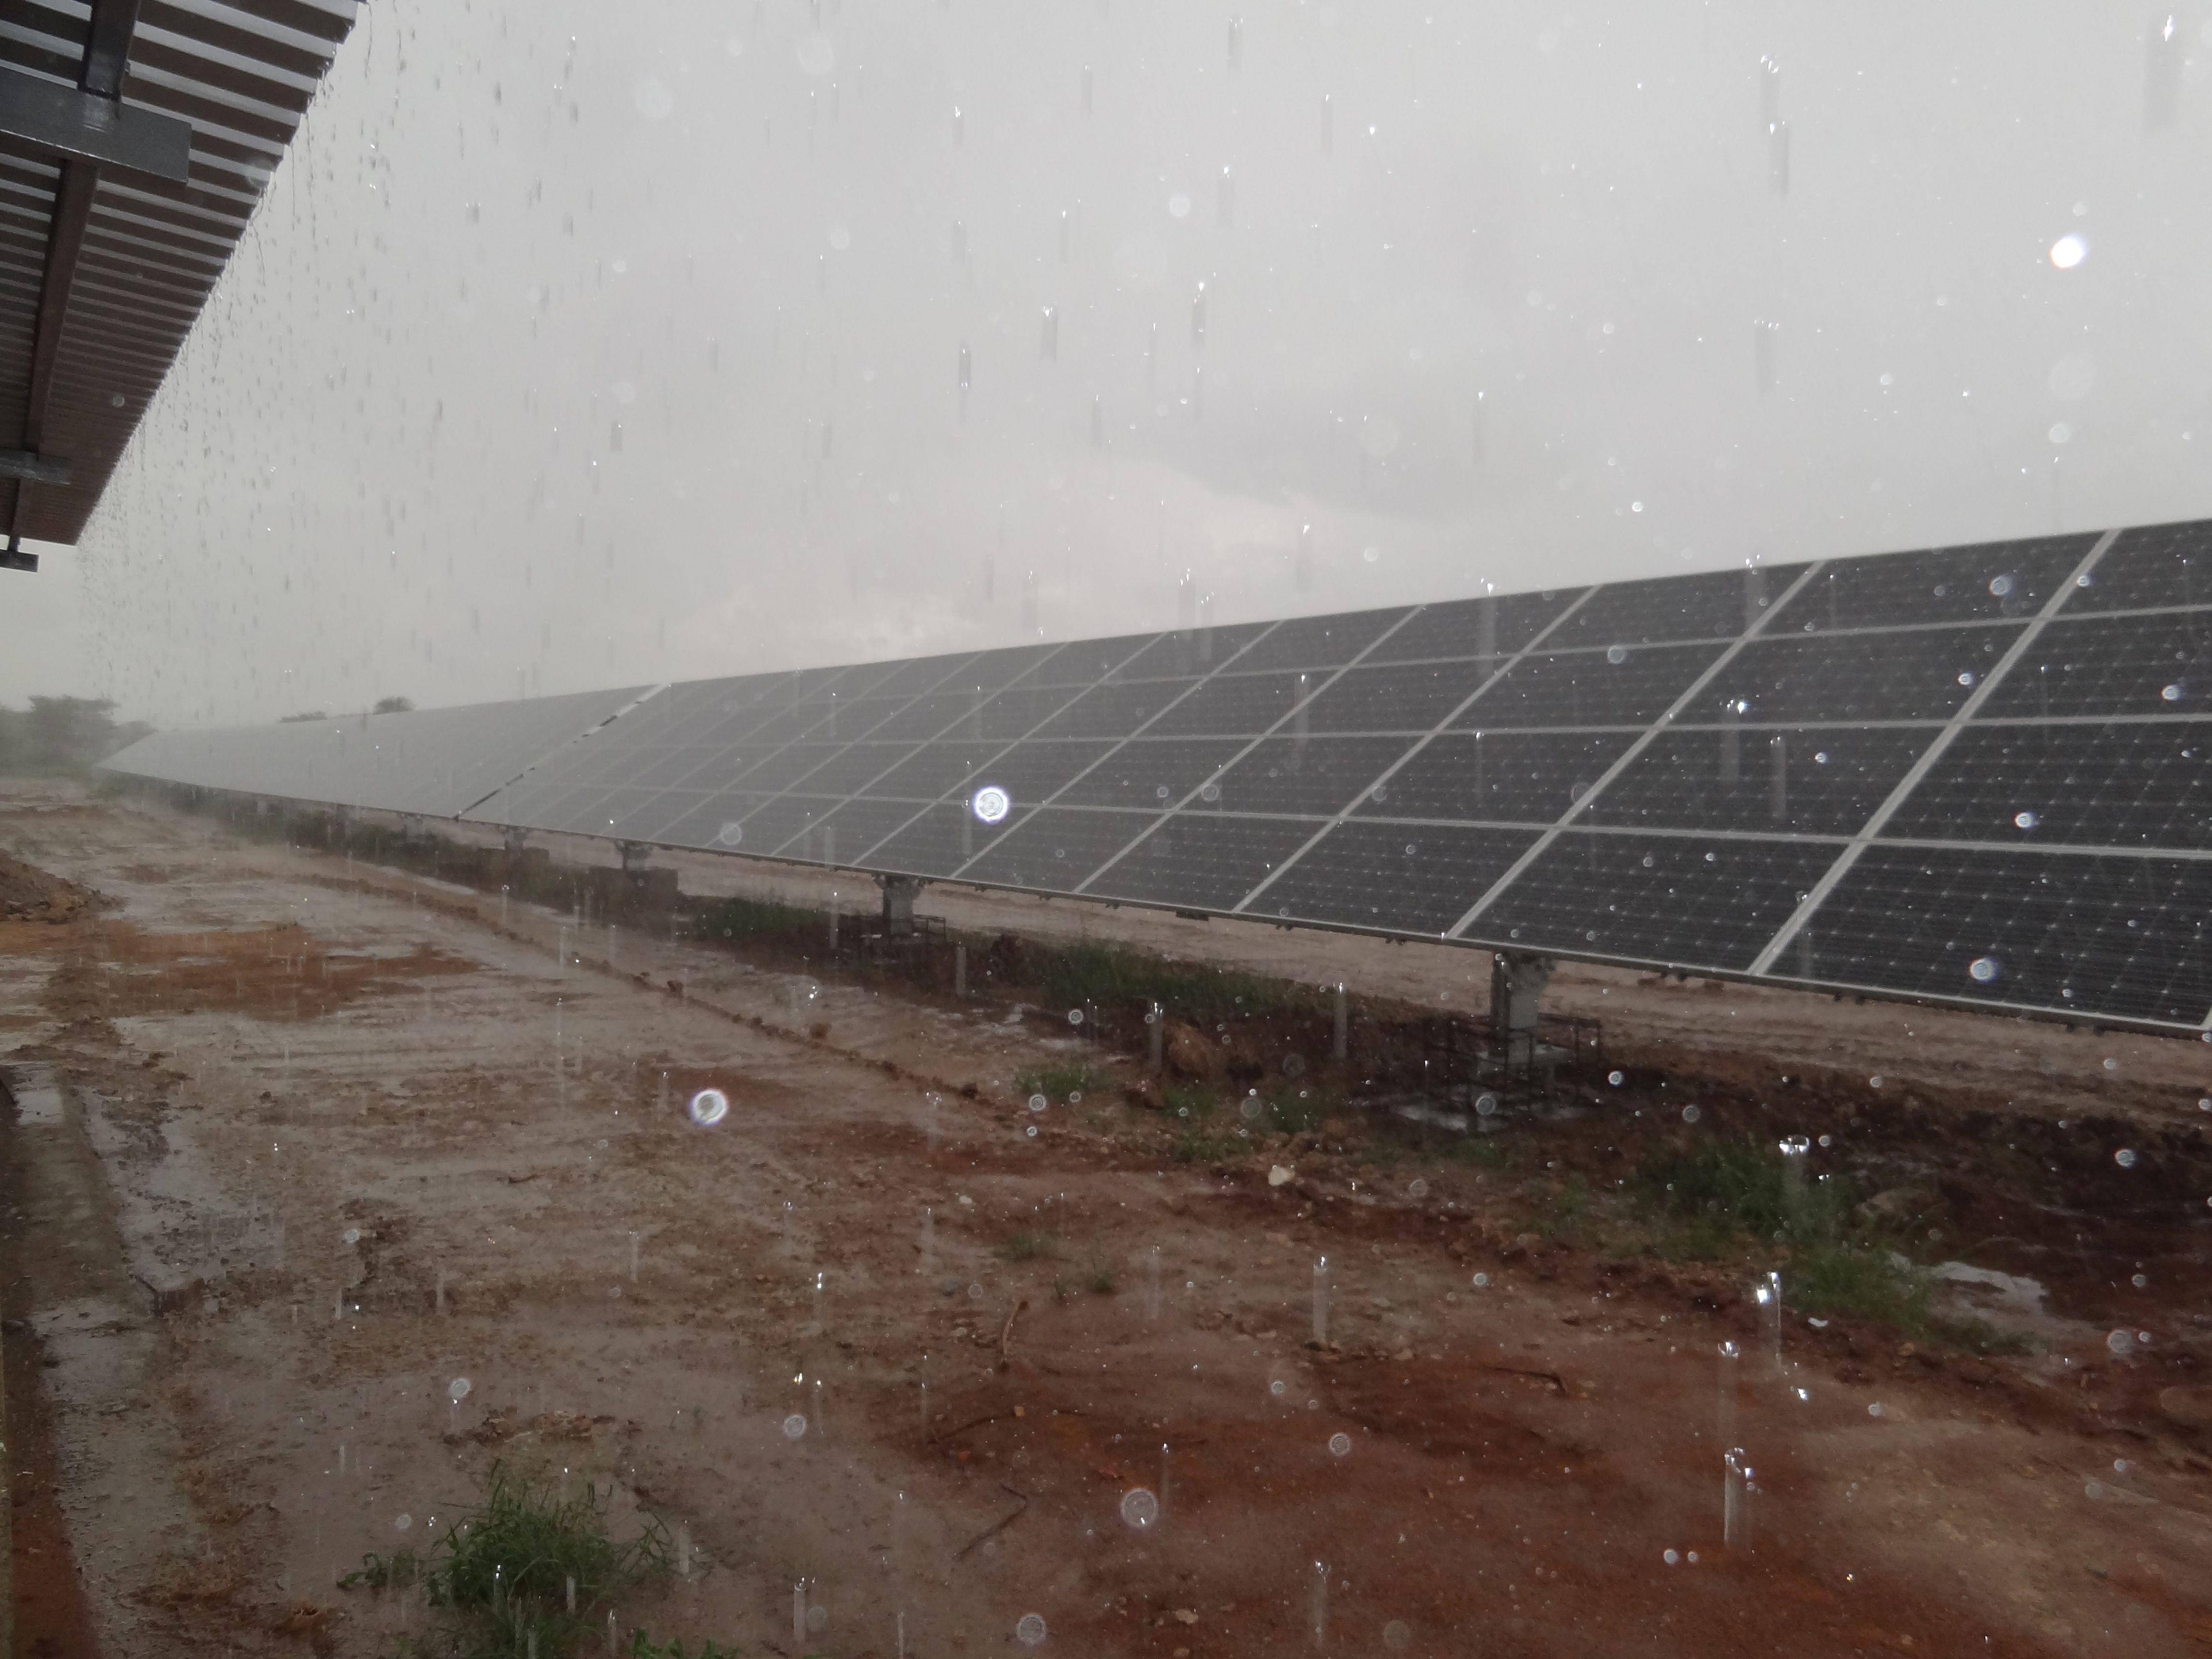 Solarenergie mal anders